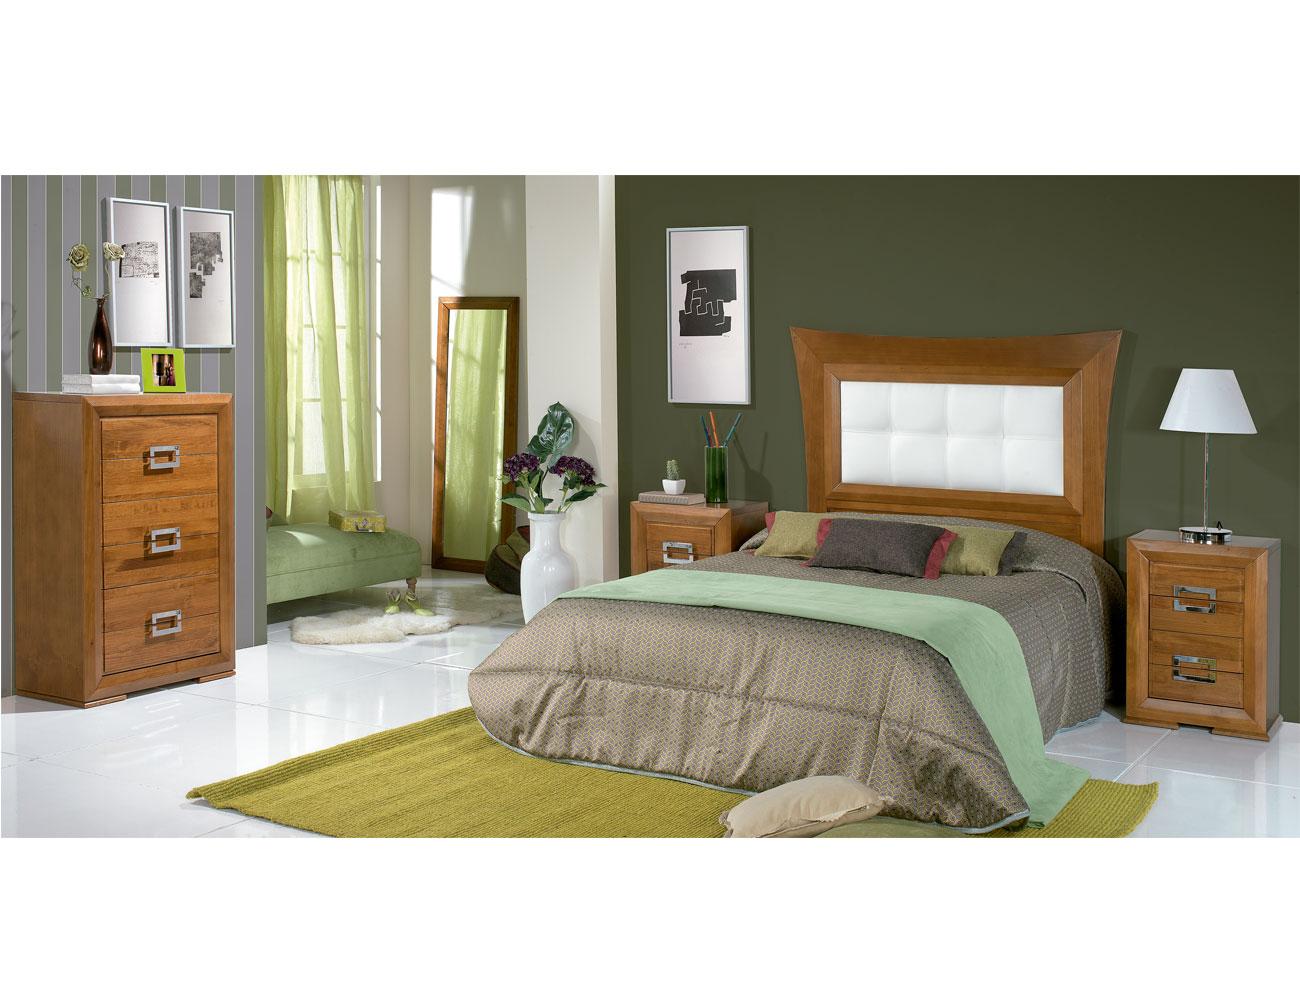 Composicion21 dormitorio matrimonio cabecero tapizado